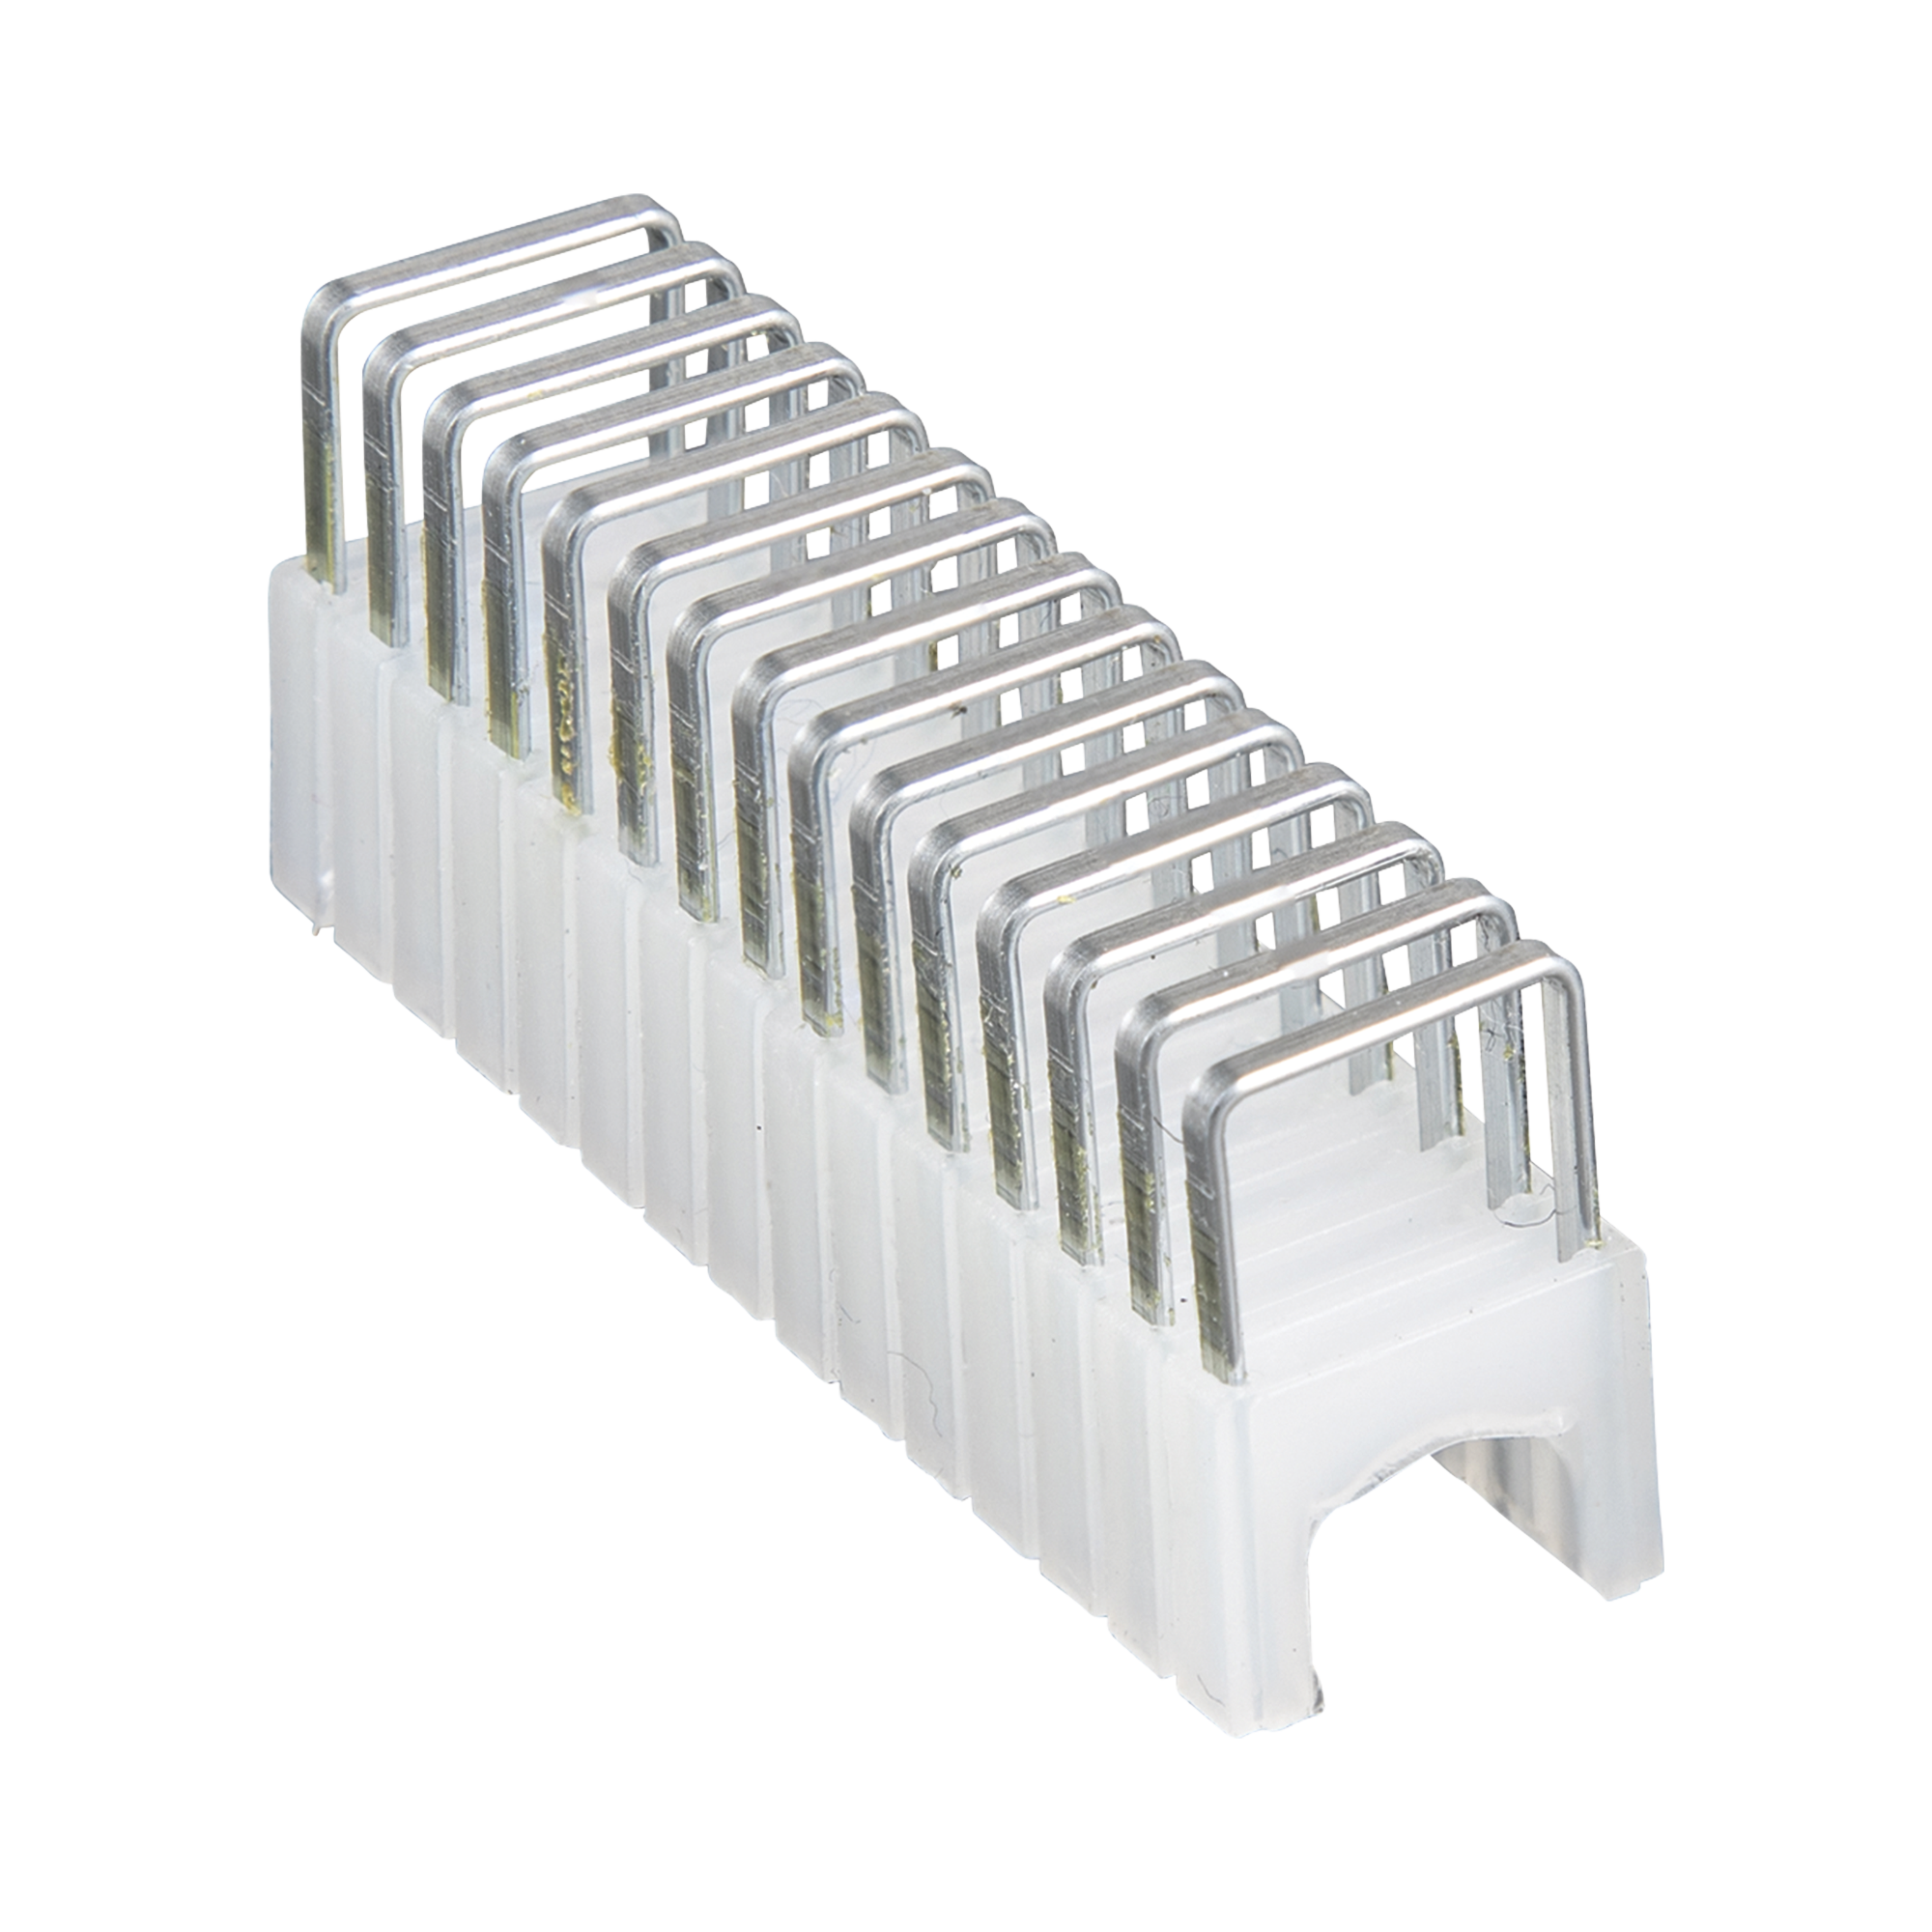 Grapas con Aislamiento,  para Cables Coaxiales (RG59, RG6/6Q) y de Datos (CAT3/5e/CAT6/6A) de hasta 5/16 ? 5/16 (8 mm ? 8 mm) de tamaño.